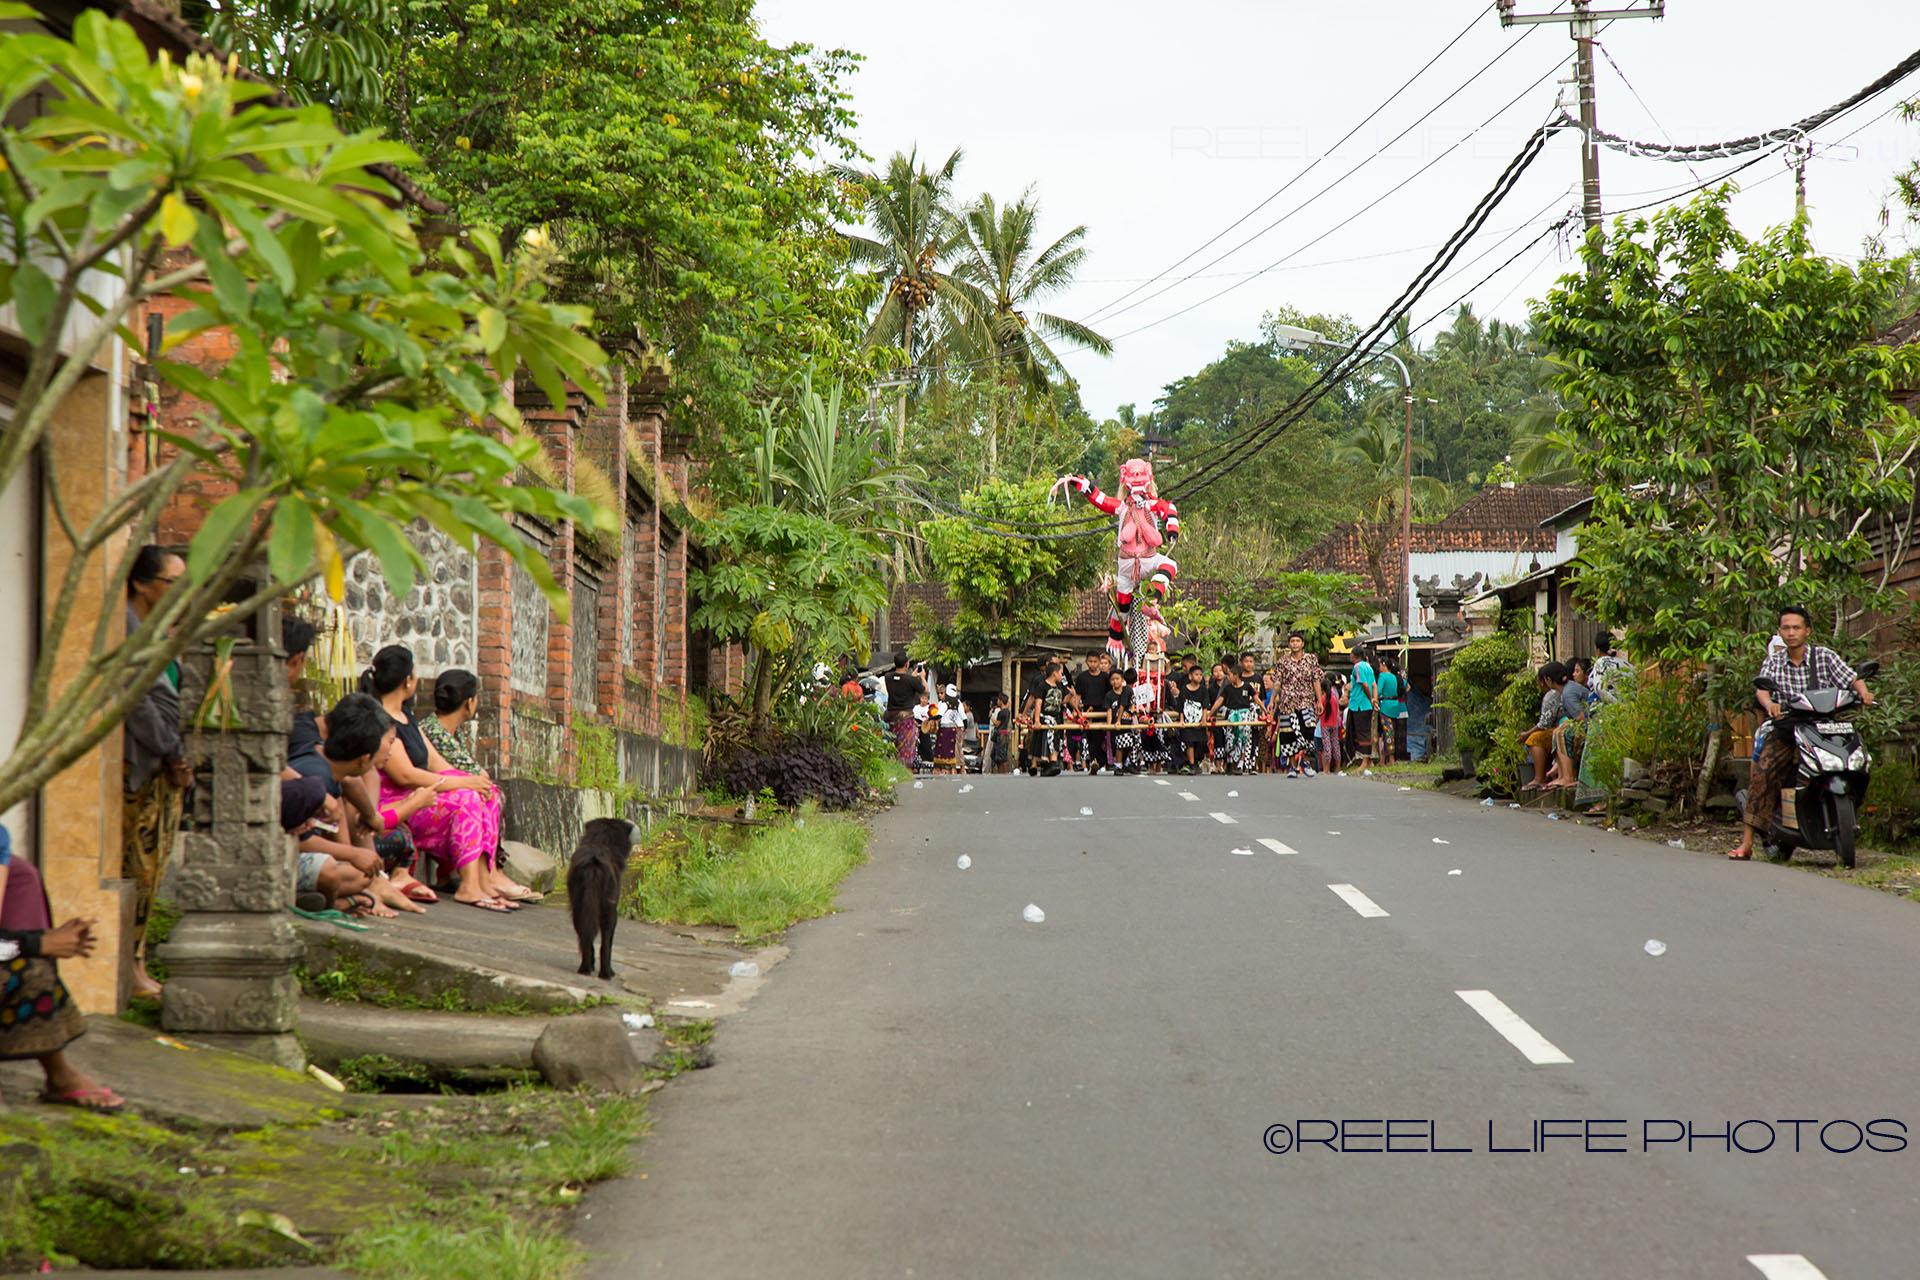 Ogoh-Ogoh parade in Karangasem, Bali